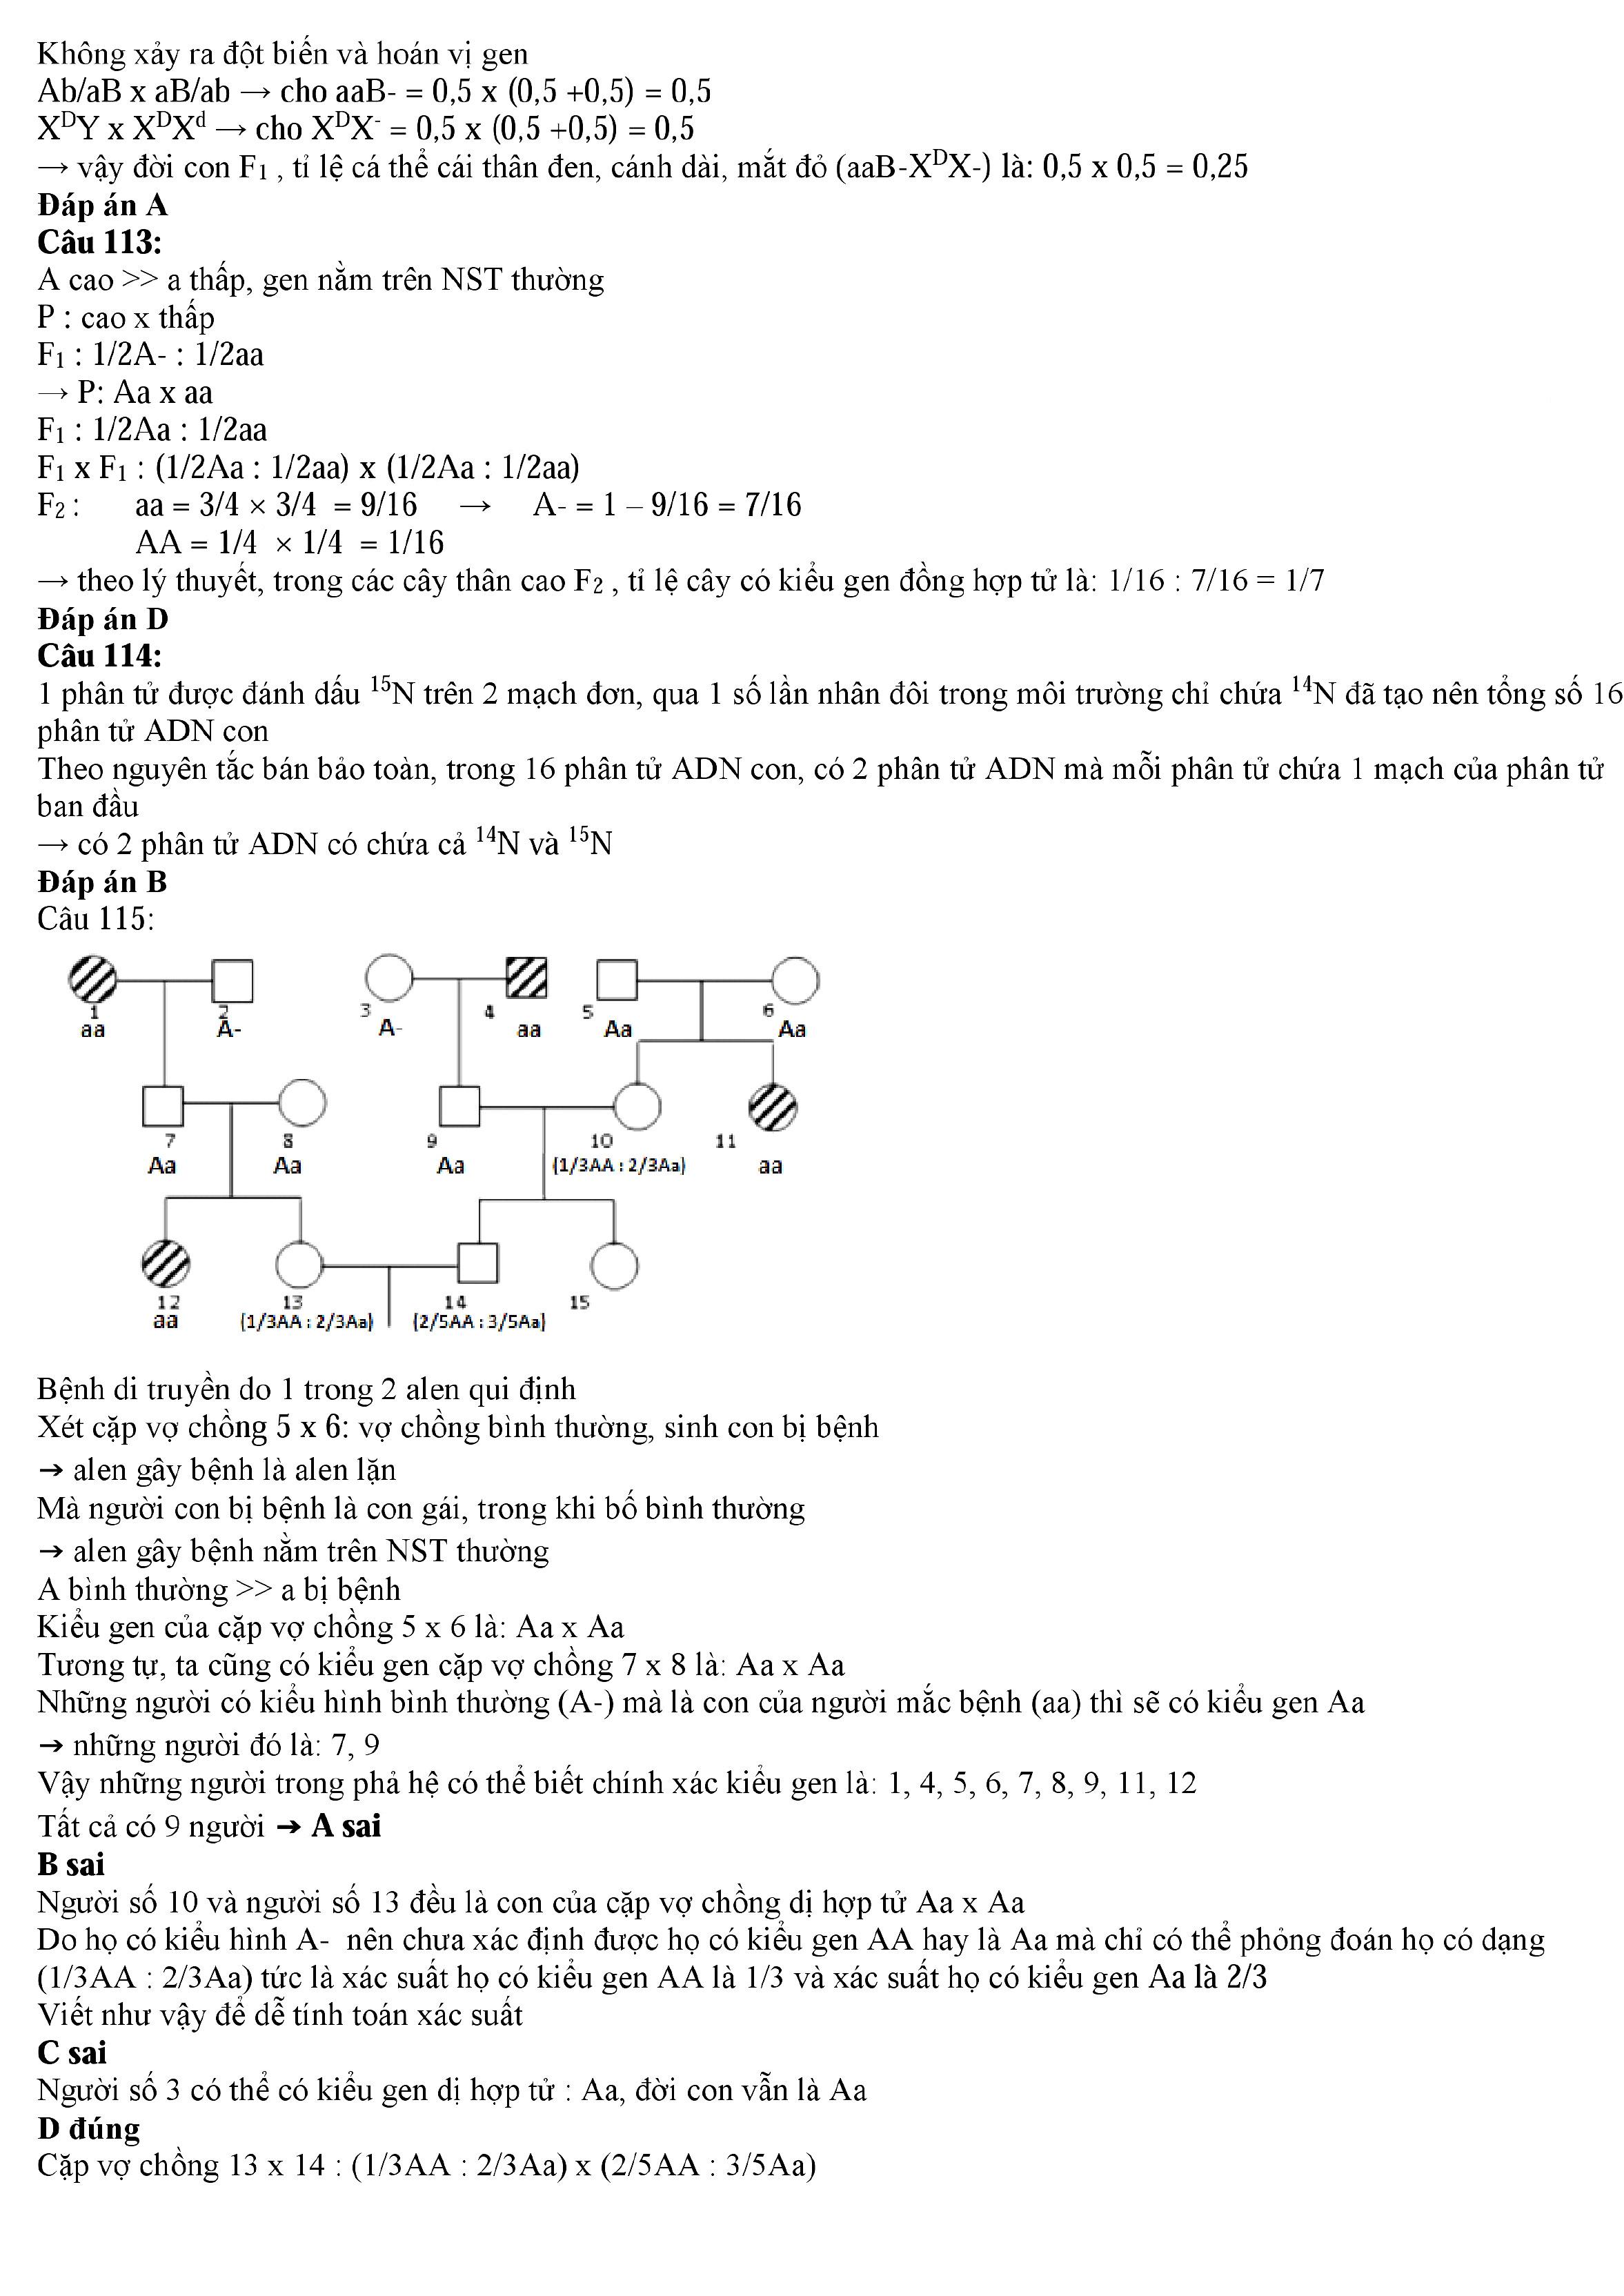 Đề thi thử môn Sinh Học đề thi minh họa lần 3 có lời giải chi tiết